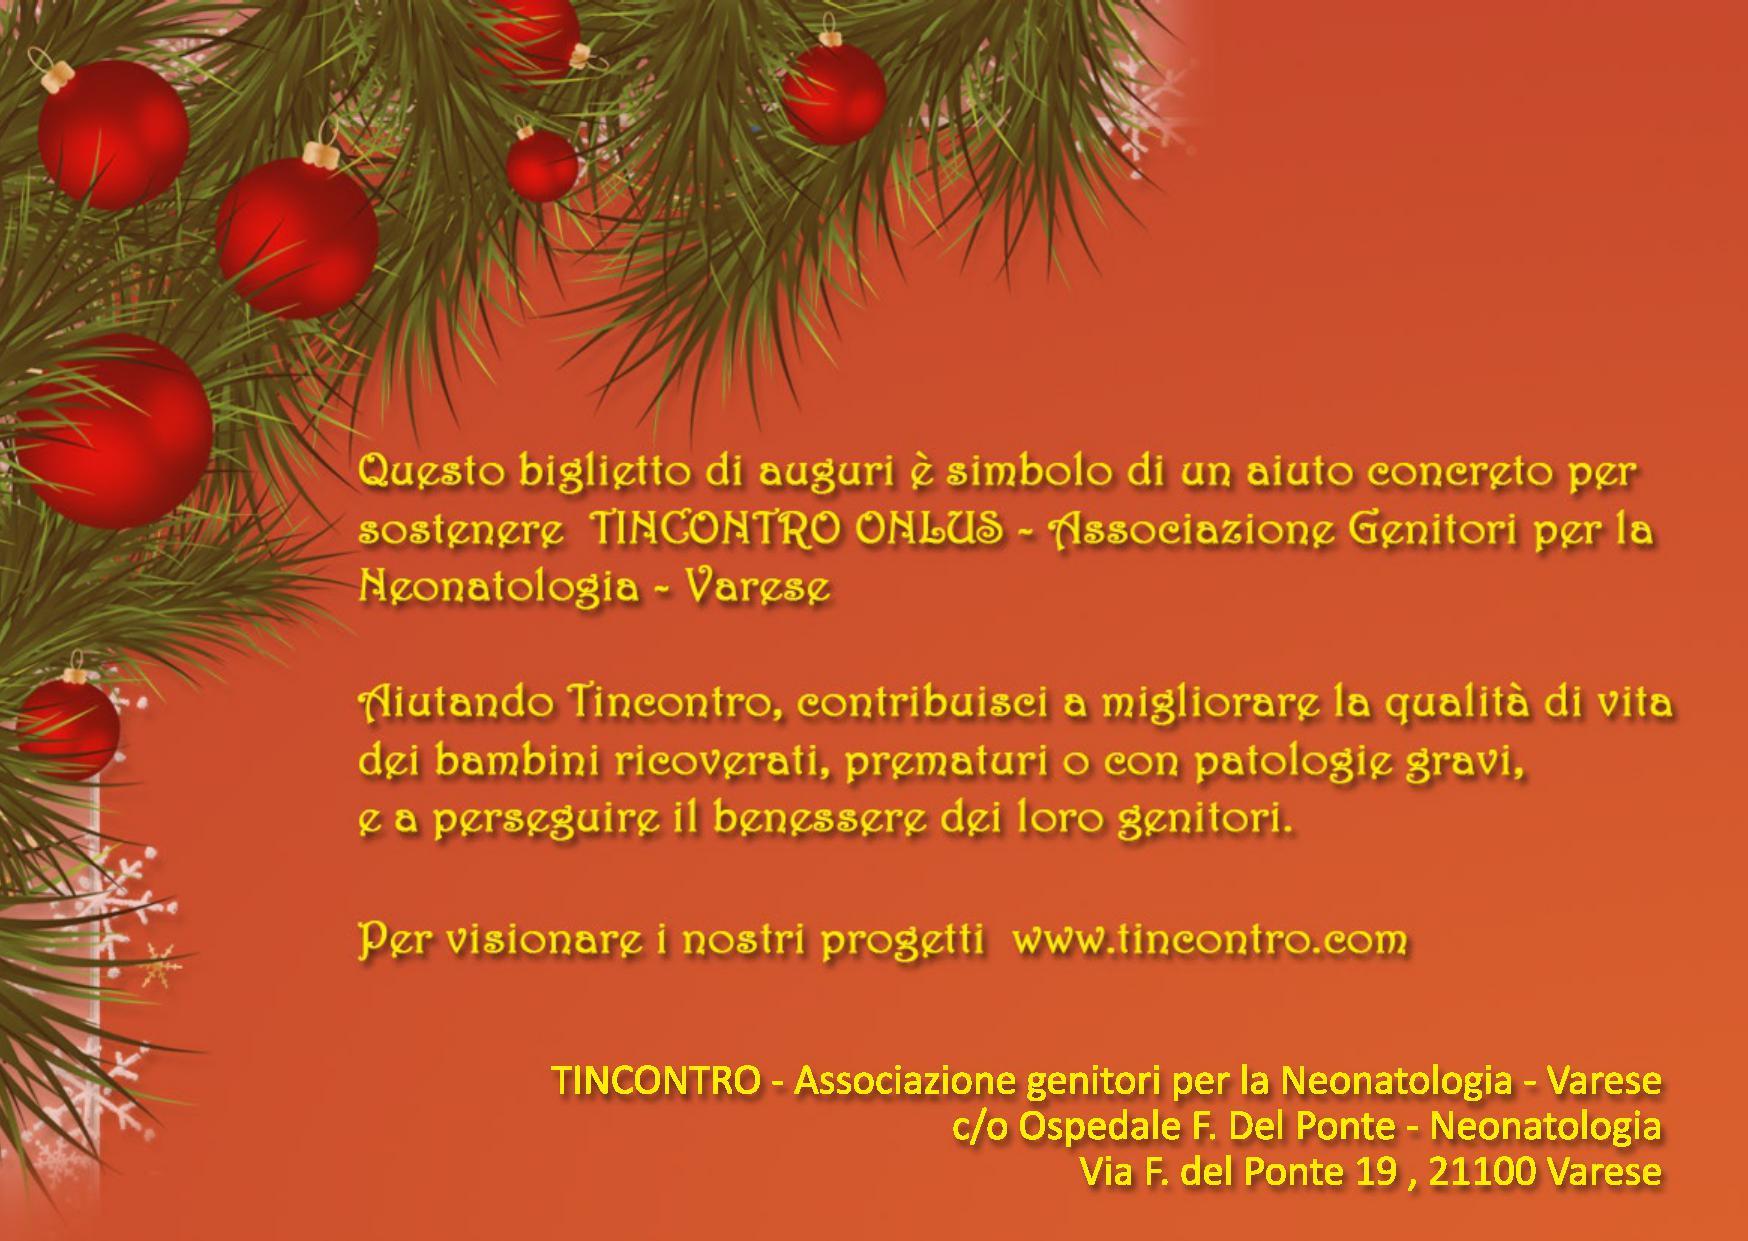 Popolare Biglietti Per Auguri Di Natale - Tincontro FW28